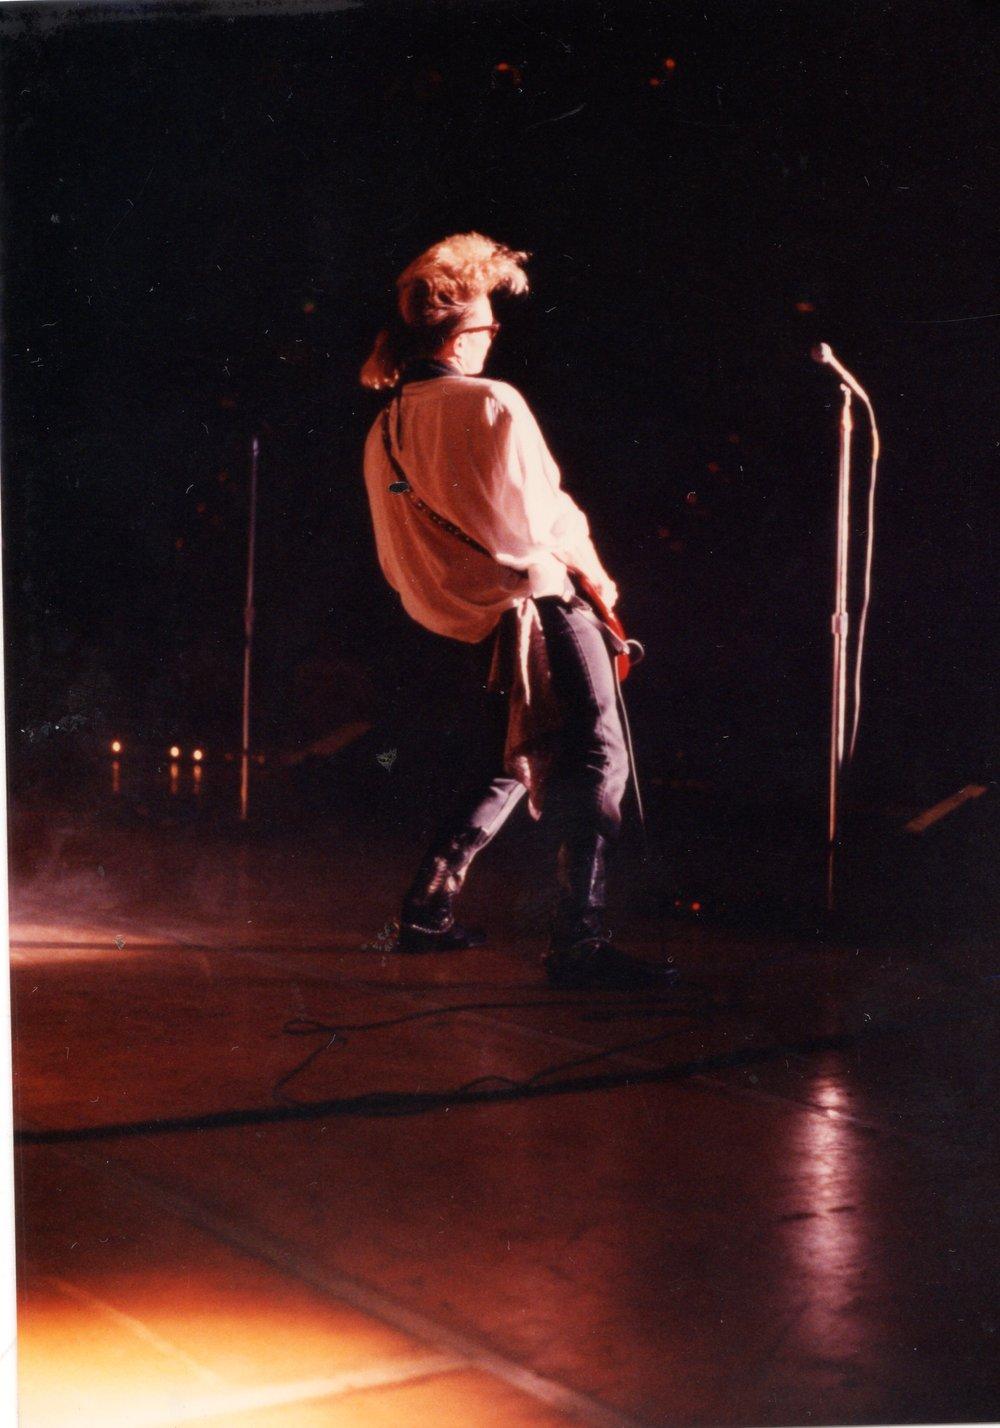 knotts 1990